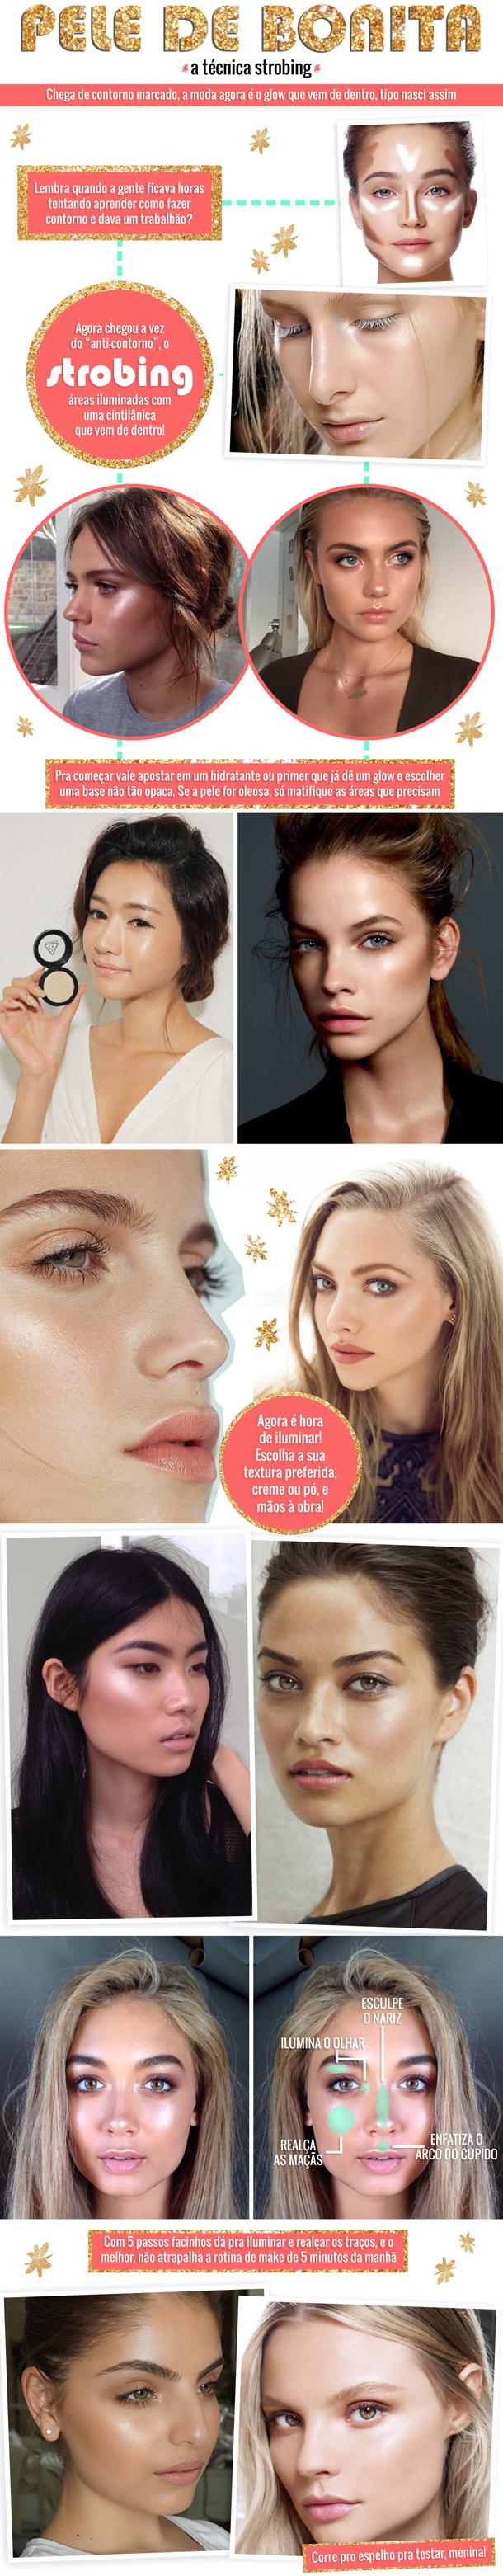 mundo-lolita-strobing-beleza-maquiagem-dicas